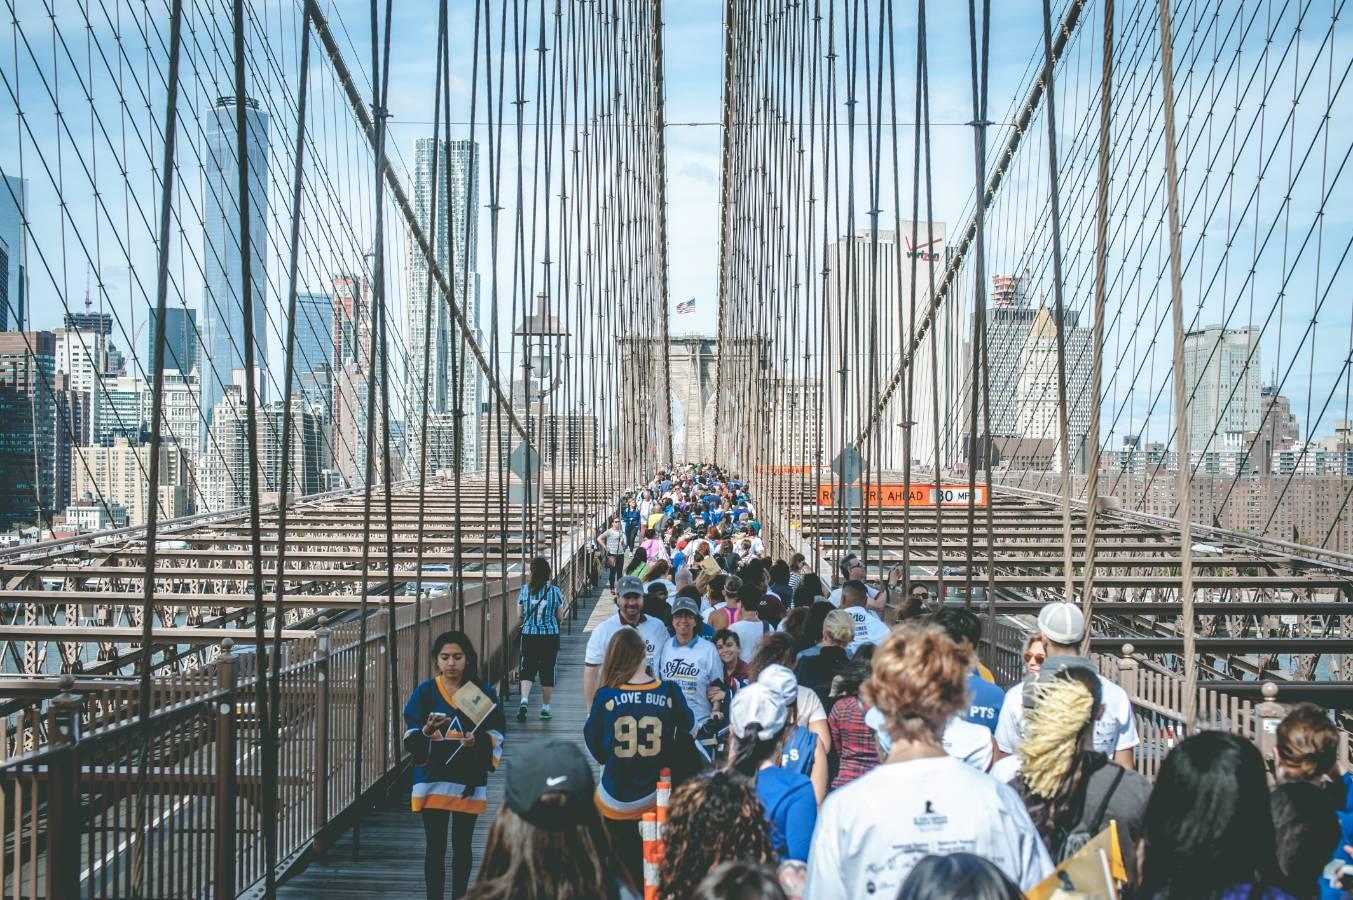 St Jude's Walk, New York